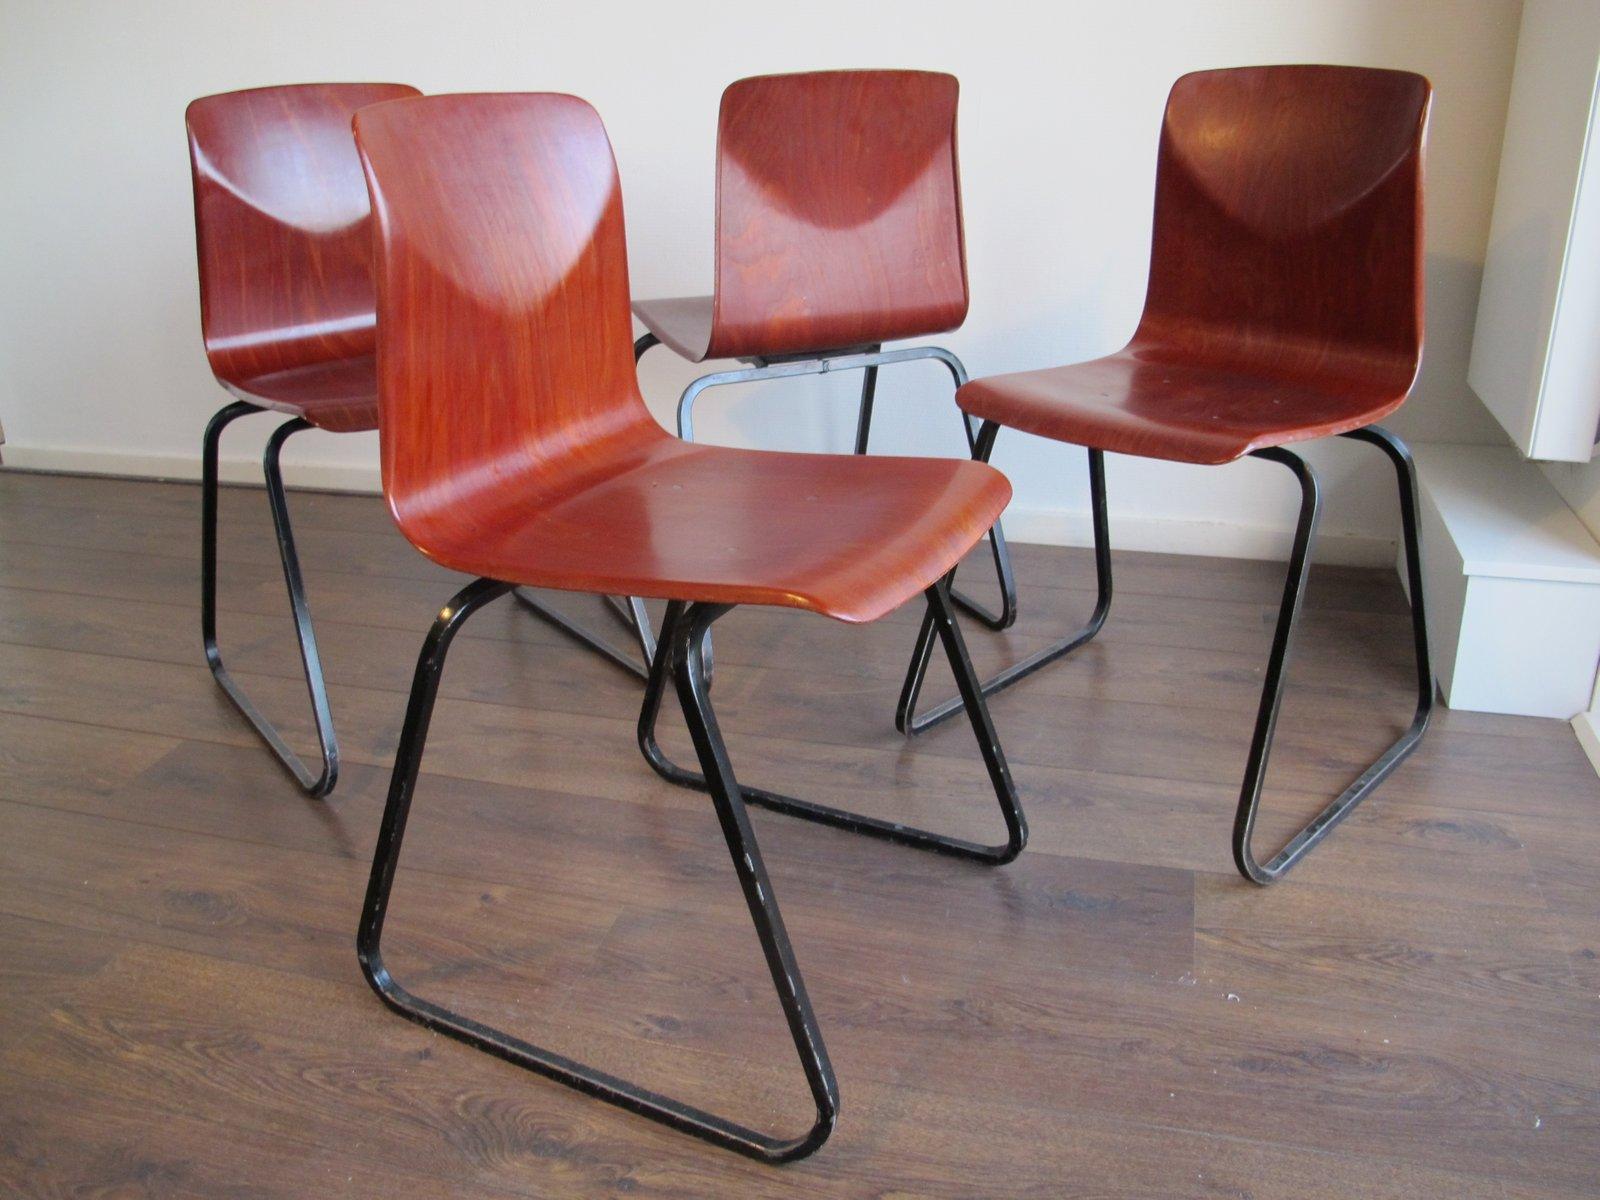 Sedie vintage industriali di Galvanitas Thur op Seat, anni \'60, set ...